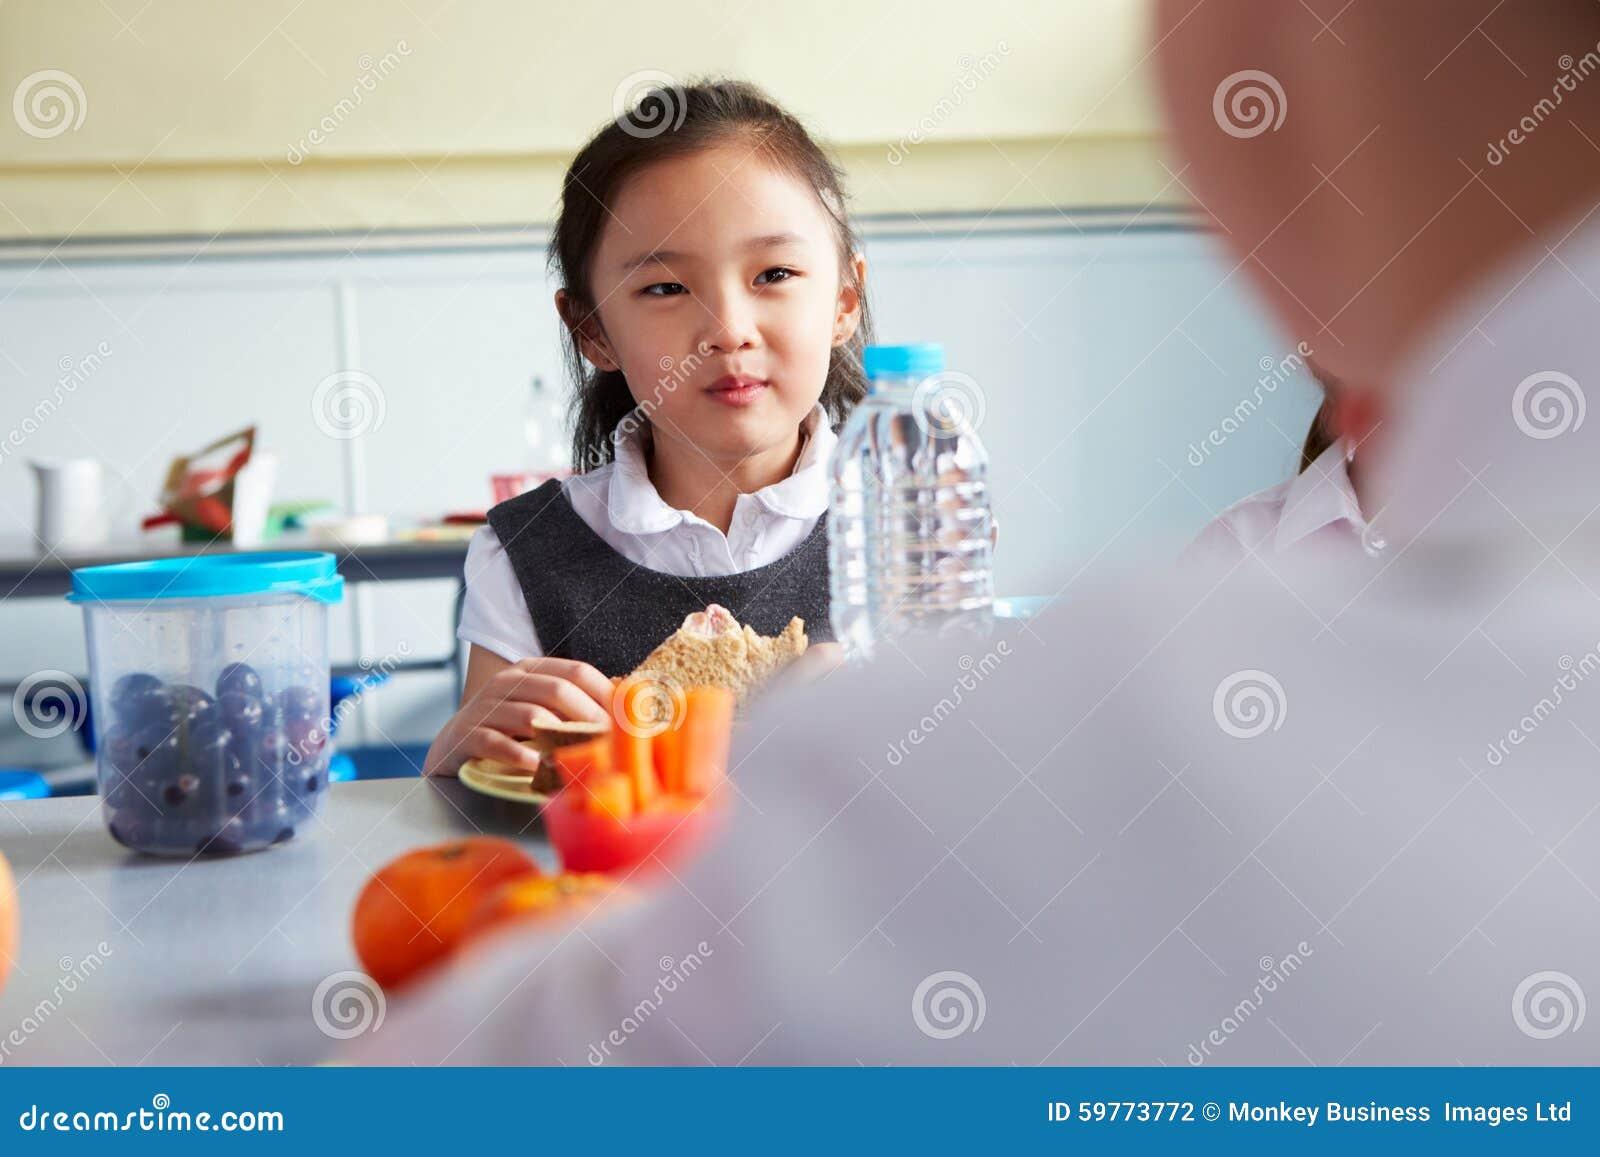 Девушка есть здоровый упакованный обед в школьном кафетерии